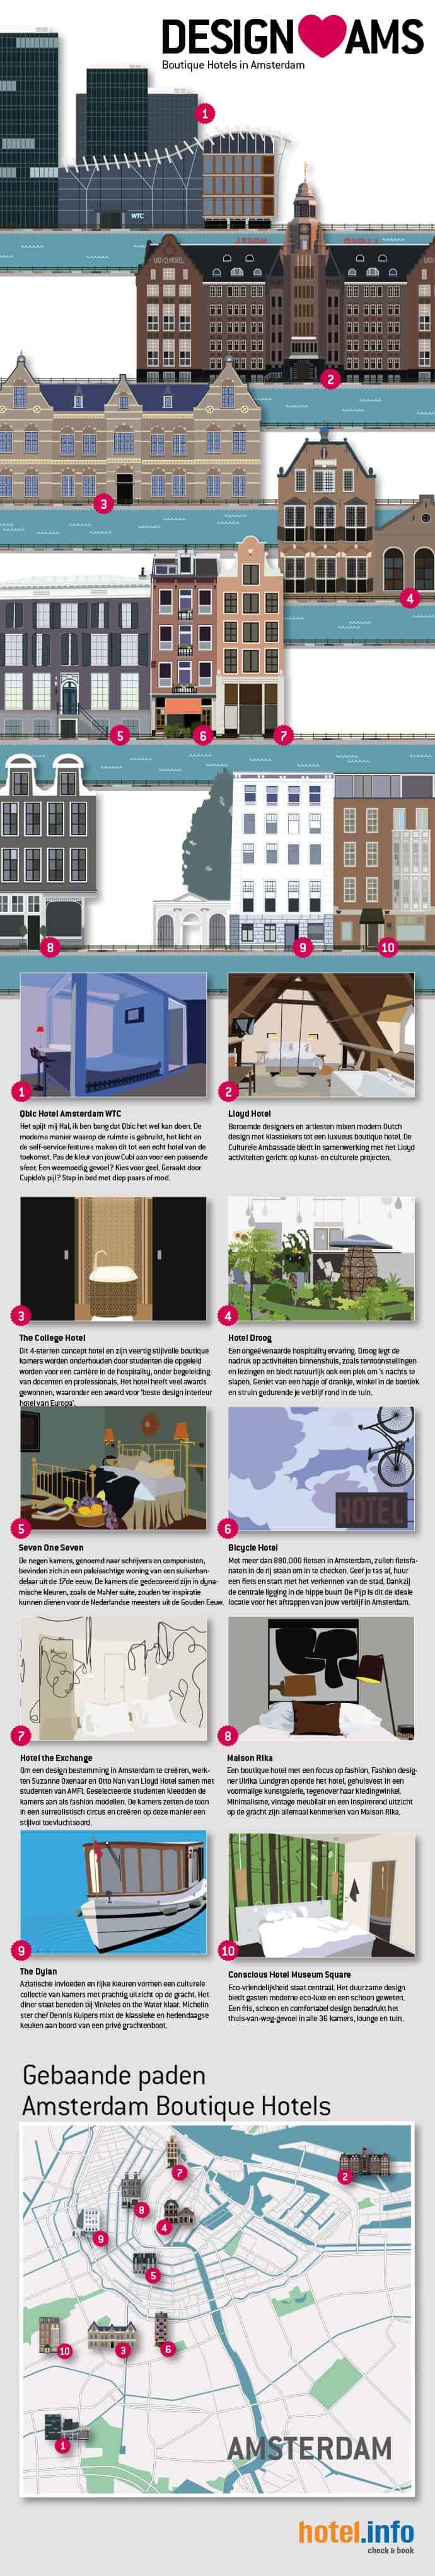 hotels met stijl in Amsterdam